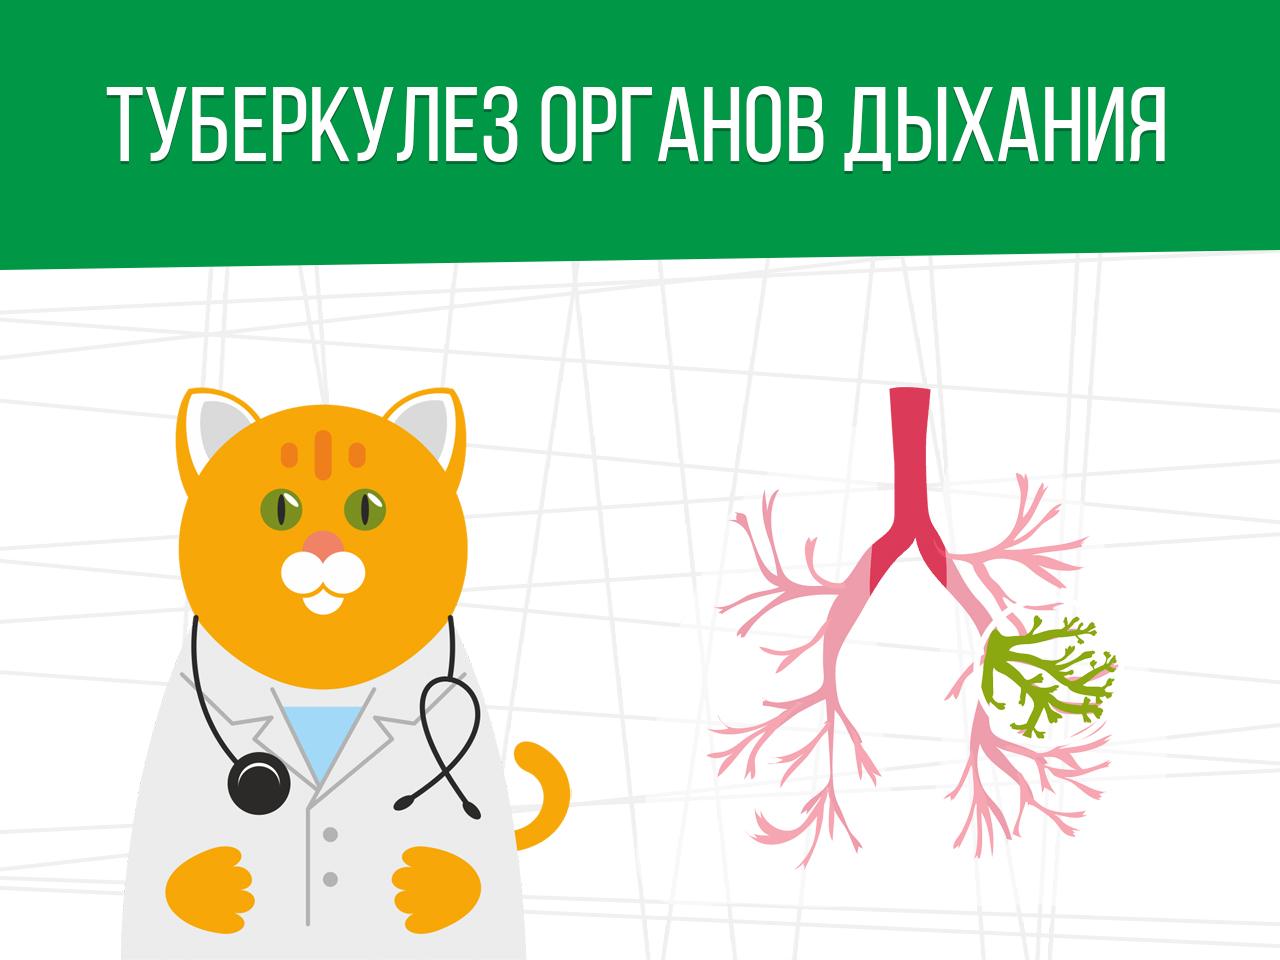 Туберкулез органов дыхания: берут ли в армию?